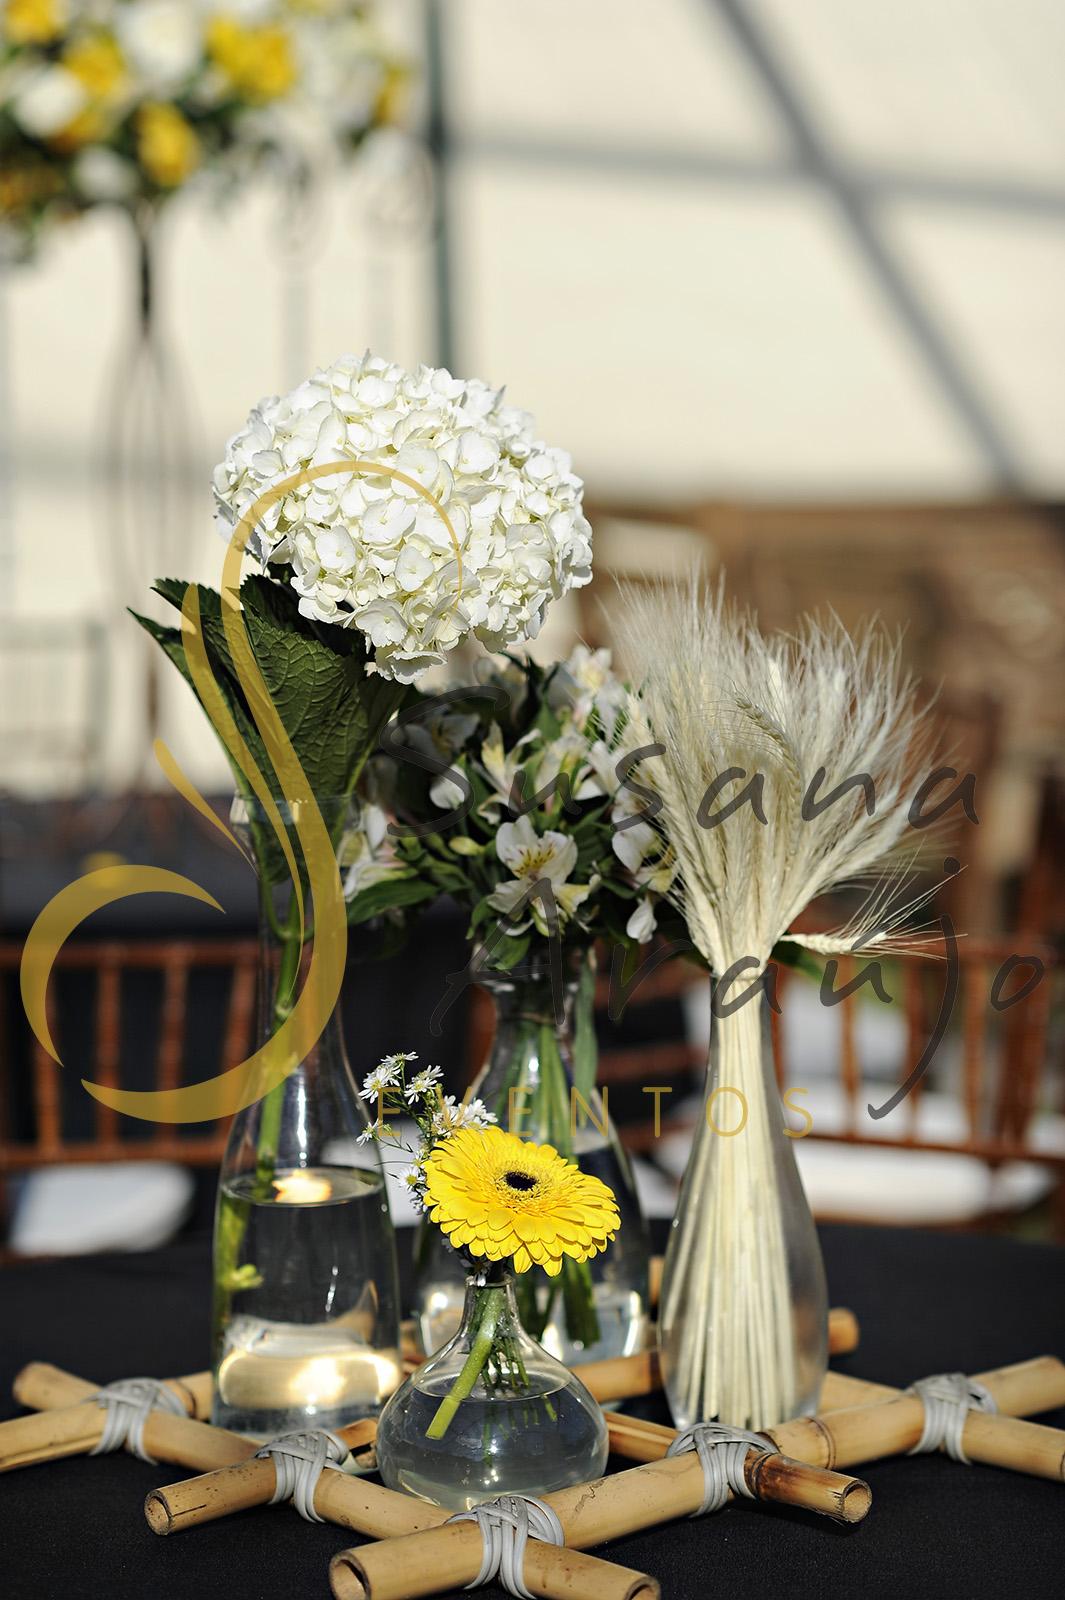 Casamento Cerimônia ao ar livre gramado sitio Decoração floral flores amarelas brancas centros de mesa convidados composição treliça bambu toalha preta